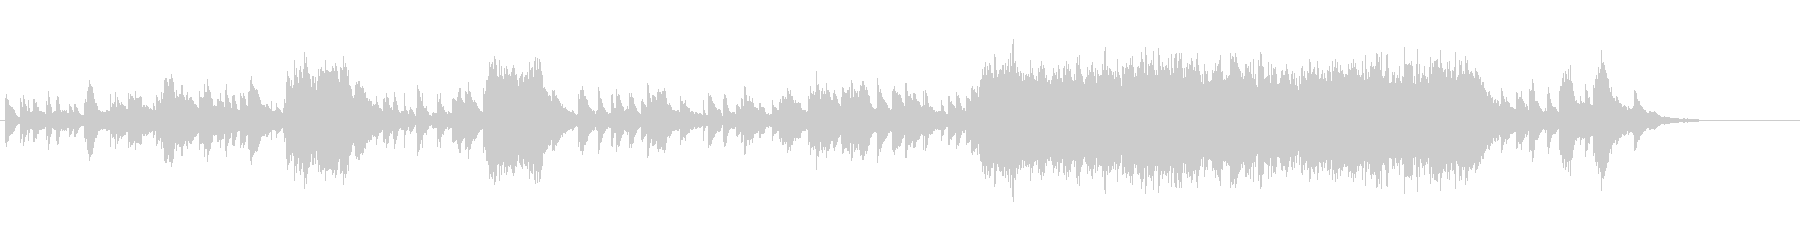 物悲しい雰囲気のピアノソロ曲(変拍子)の未再生の波形